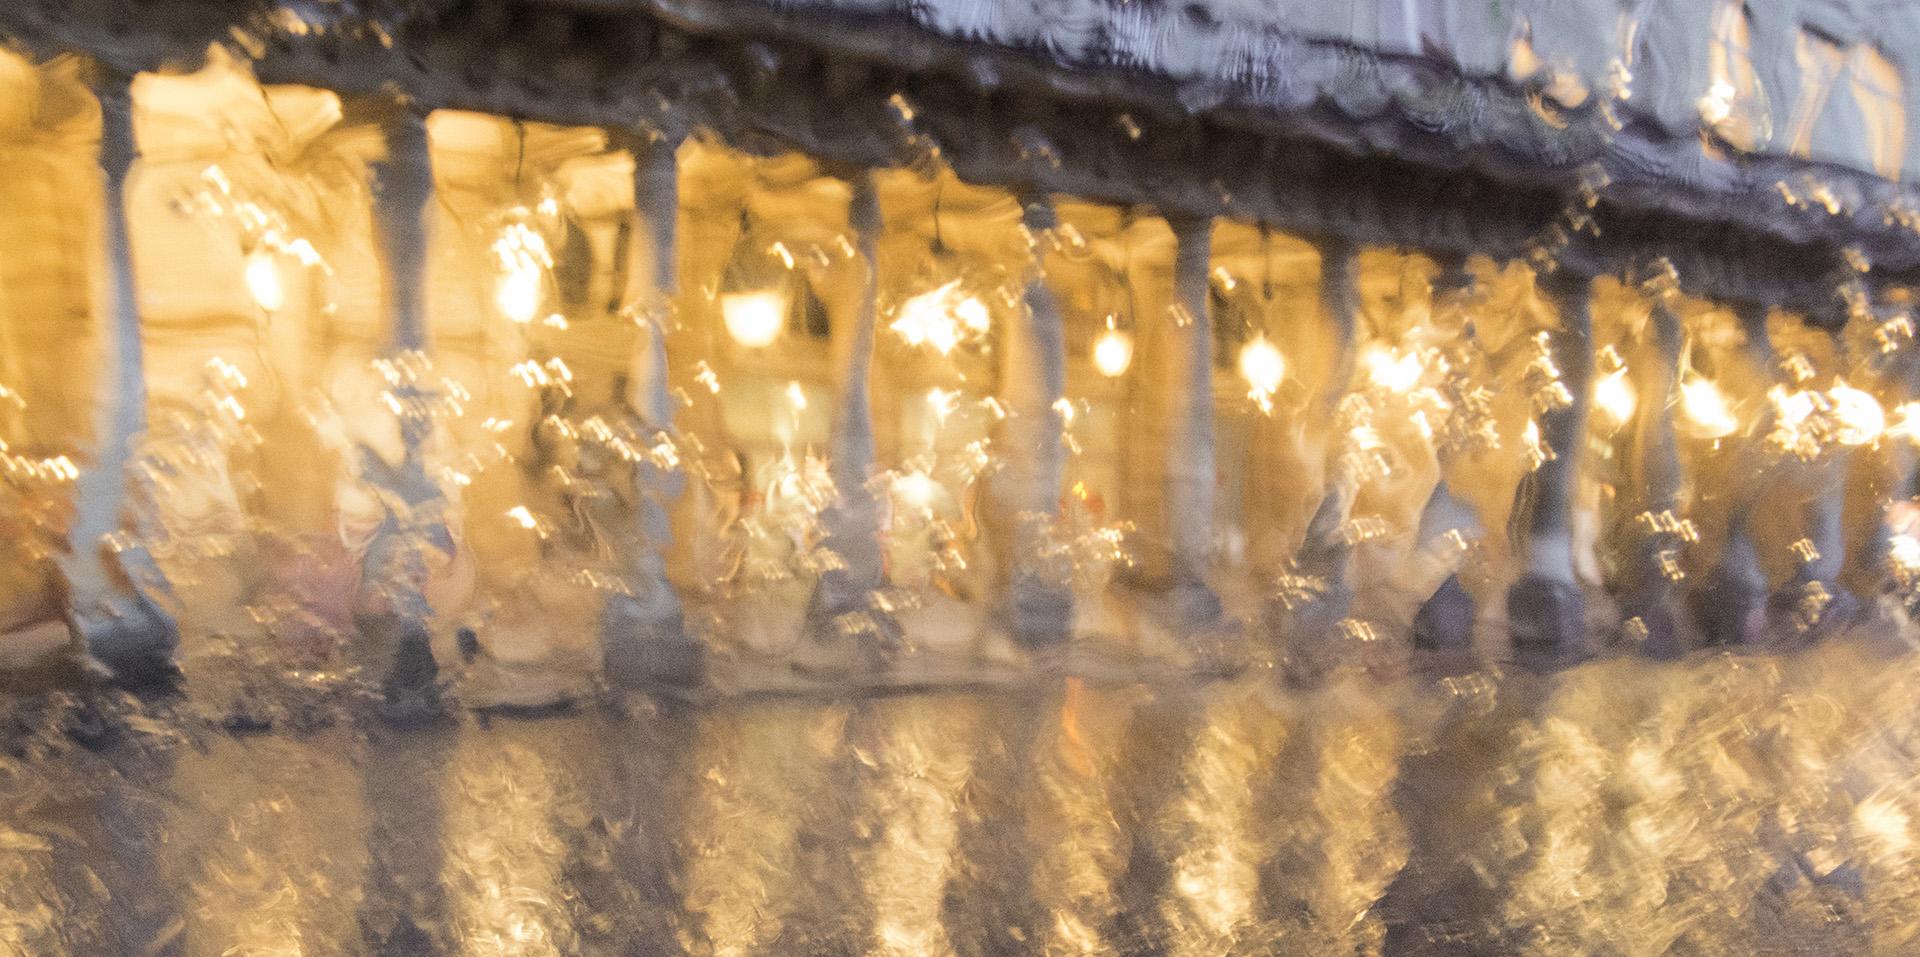 Les feux du théâtre sous la pluie, photo très graphique, le temple brillant de l'esprit français